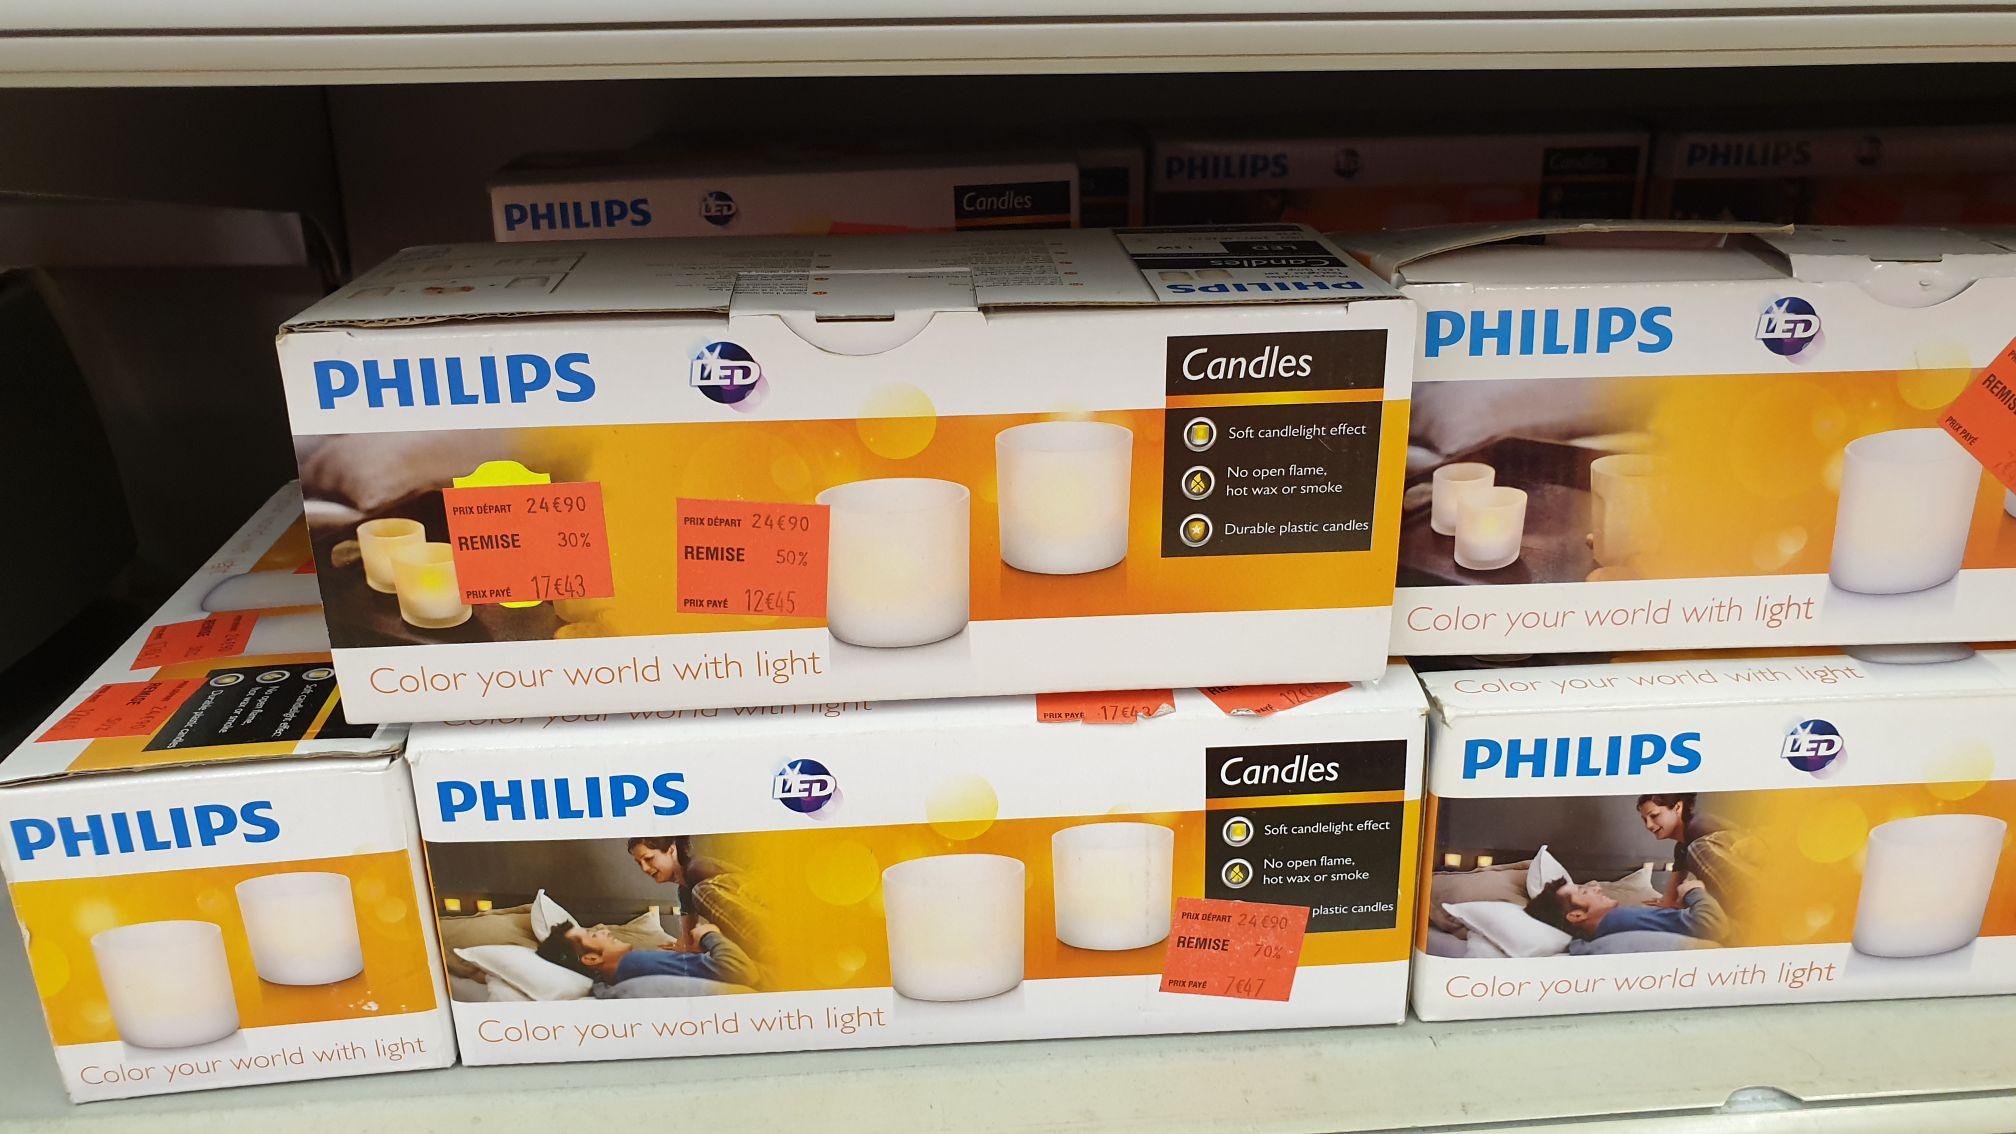 Lot de 3 photophores électriques et rechargeables Philips Candles - Carrefour Le mans (72)